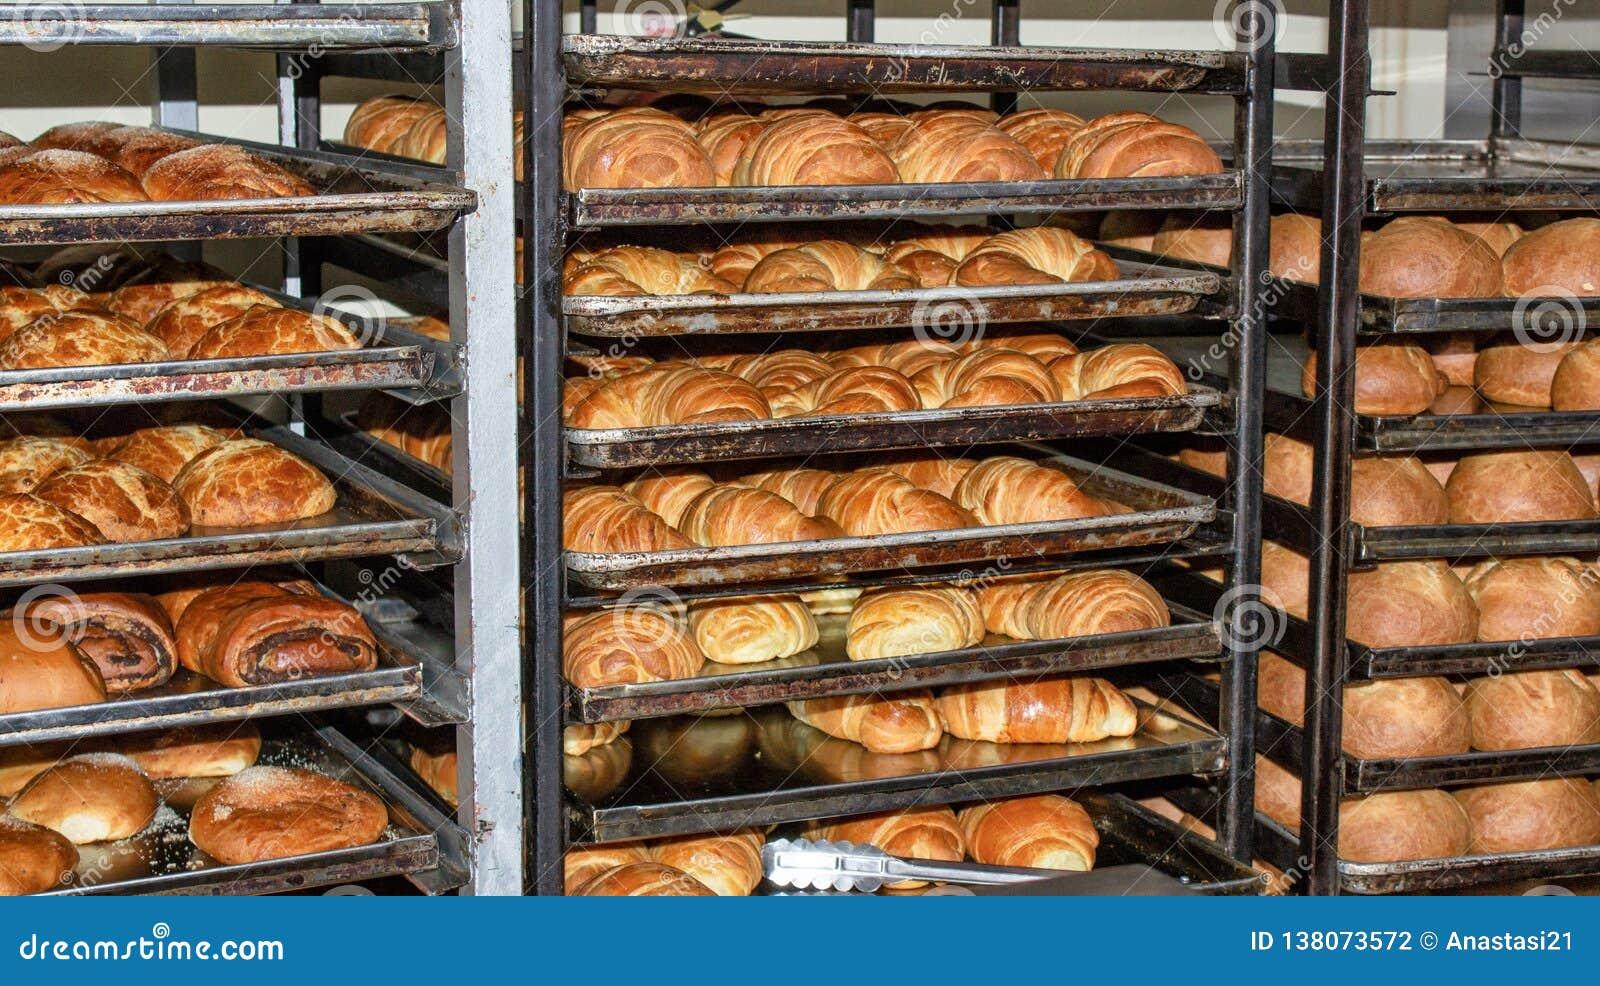 Backte frisch Brot, Regale mit Brötchen Quito, Ecuador